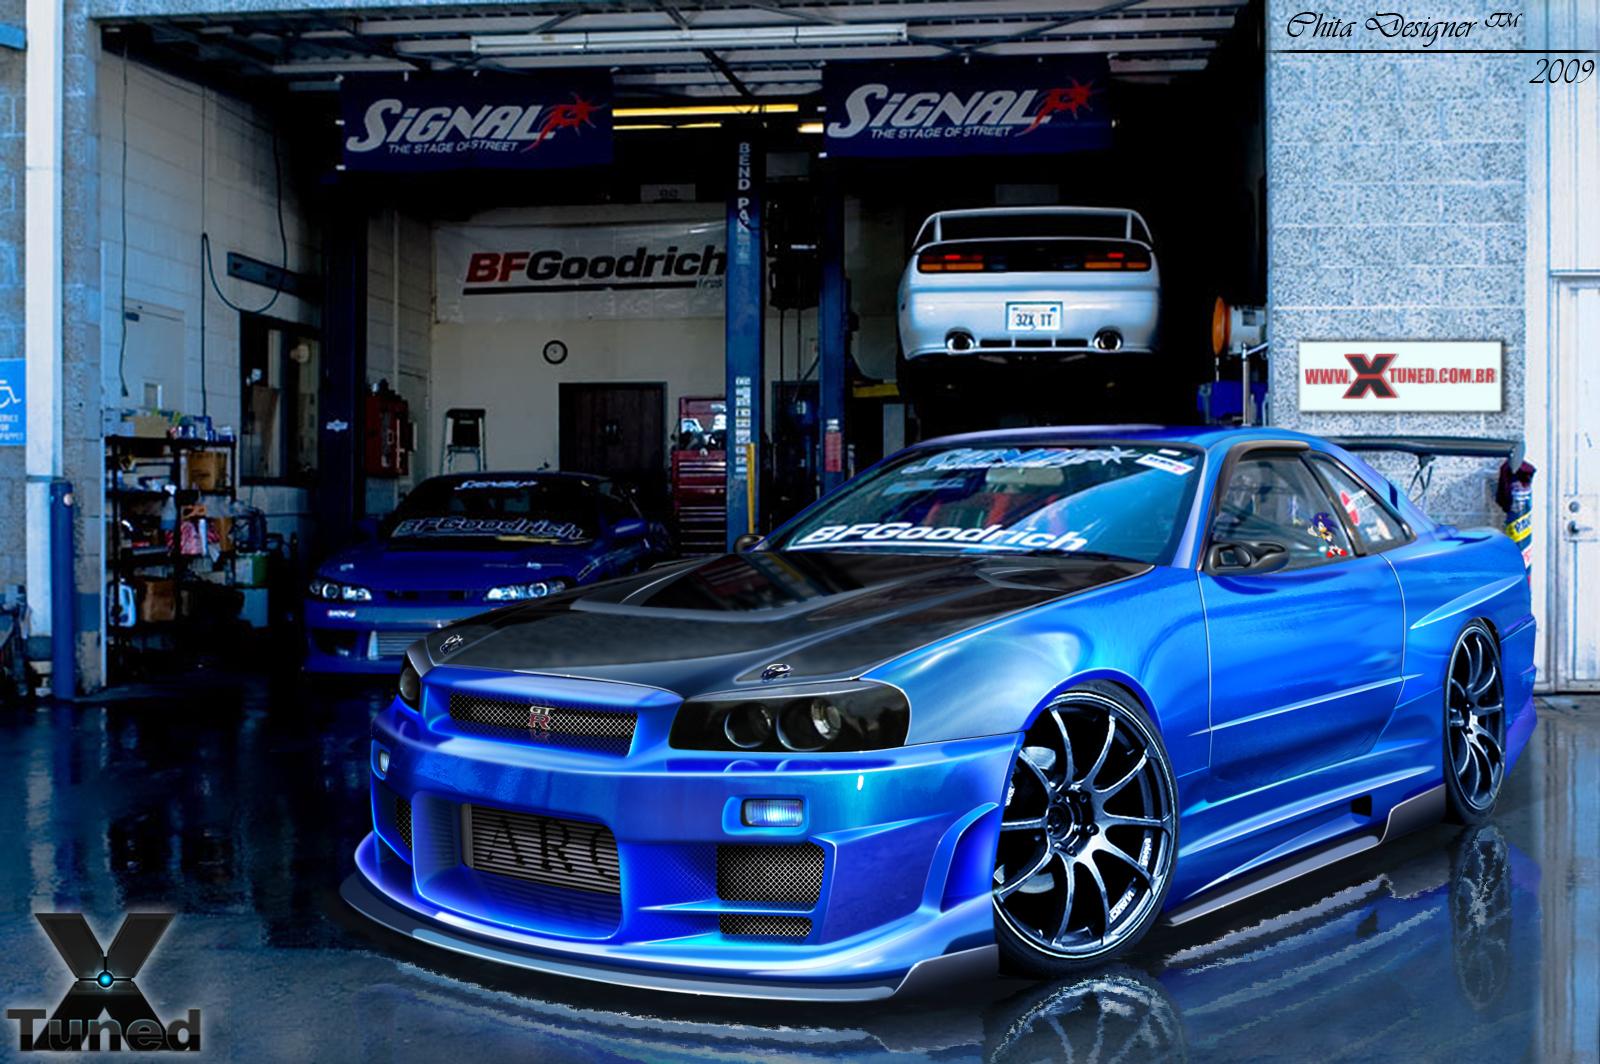 http://2.bp.blogspot.com/-m0ShO19plHE/Tx6Hgwdh3fI/AAAAAAAAOBQ/CdG4jJ4ZBUc/s1600/Nissan_Skyline_R34_GTR_by_ChitaDesigner.jpg